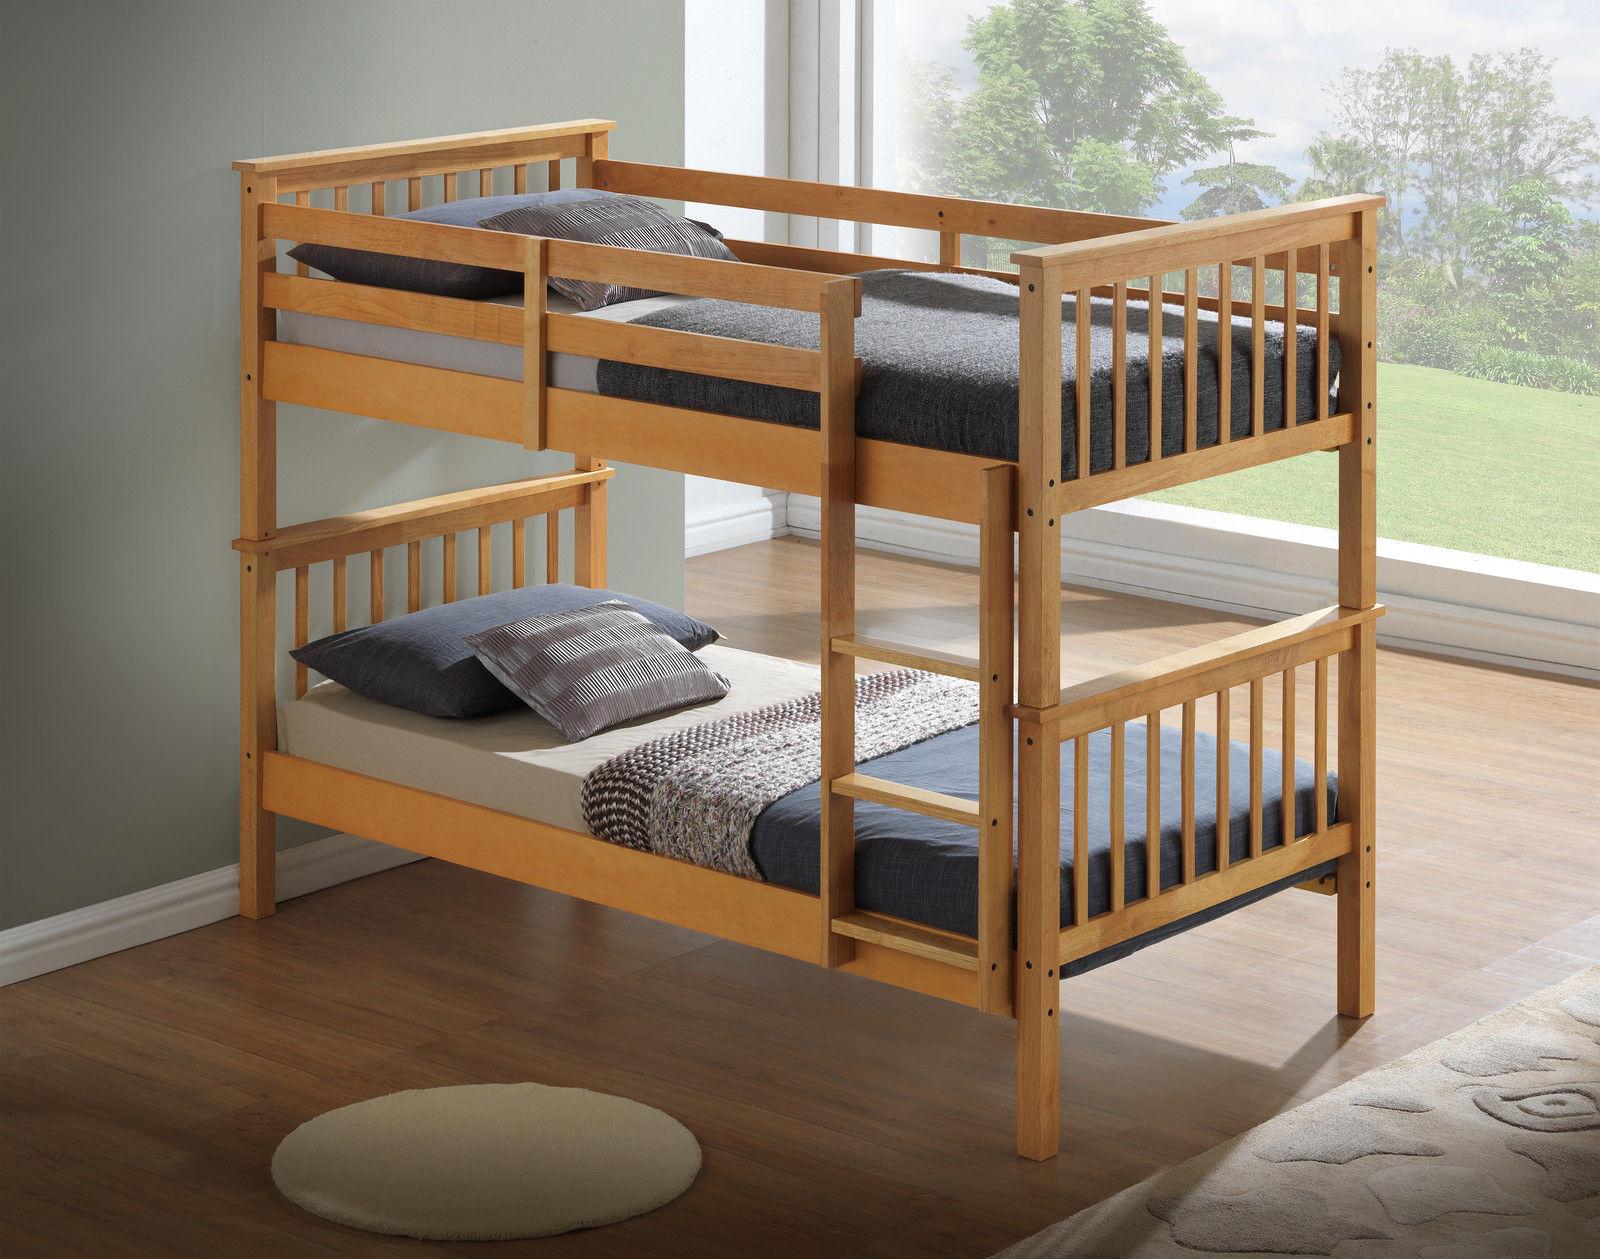 modern beech childrens bunk bed. Black Bedroom Furniture Sets. Home Design Ideas